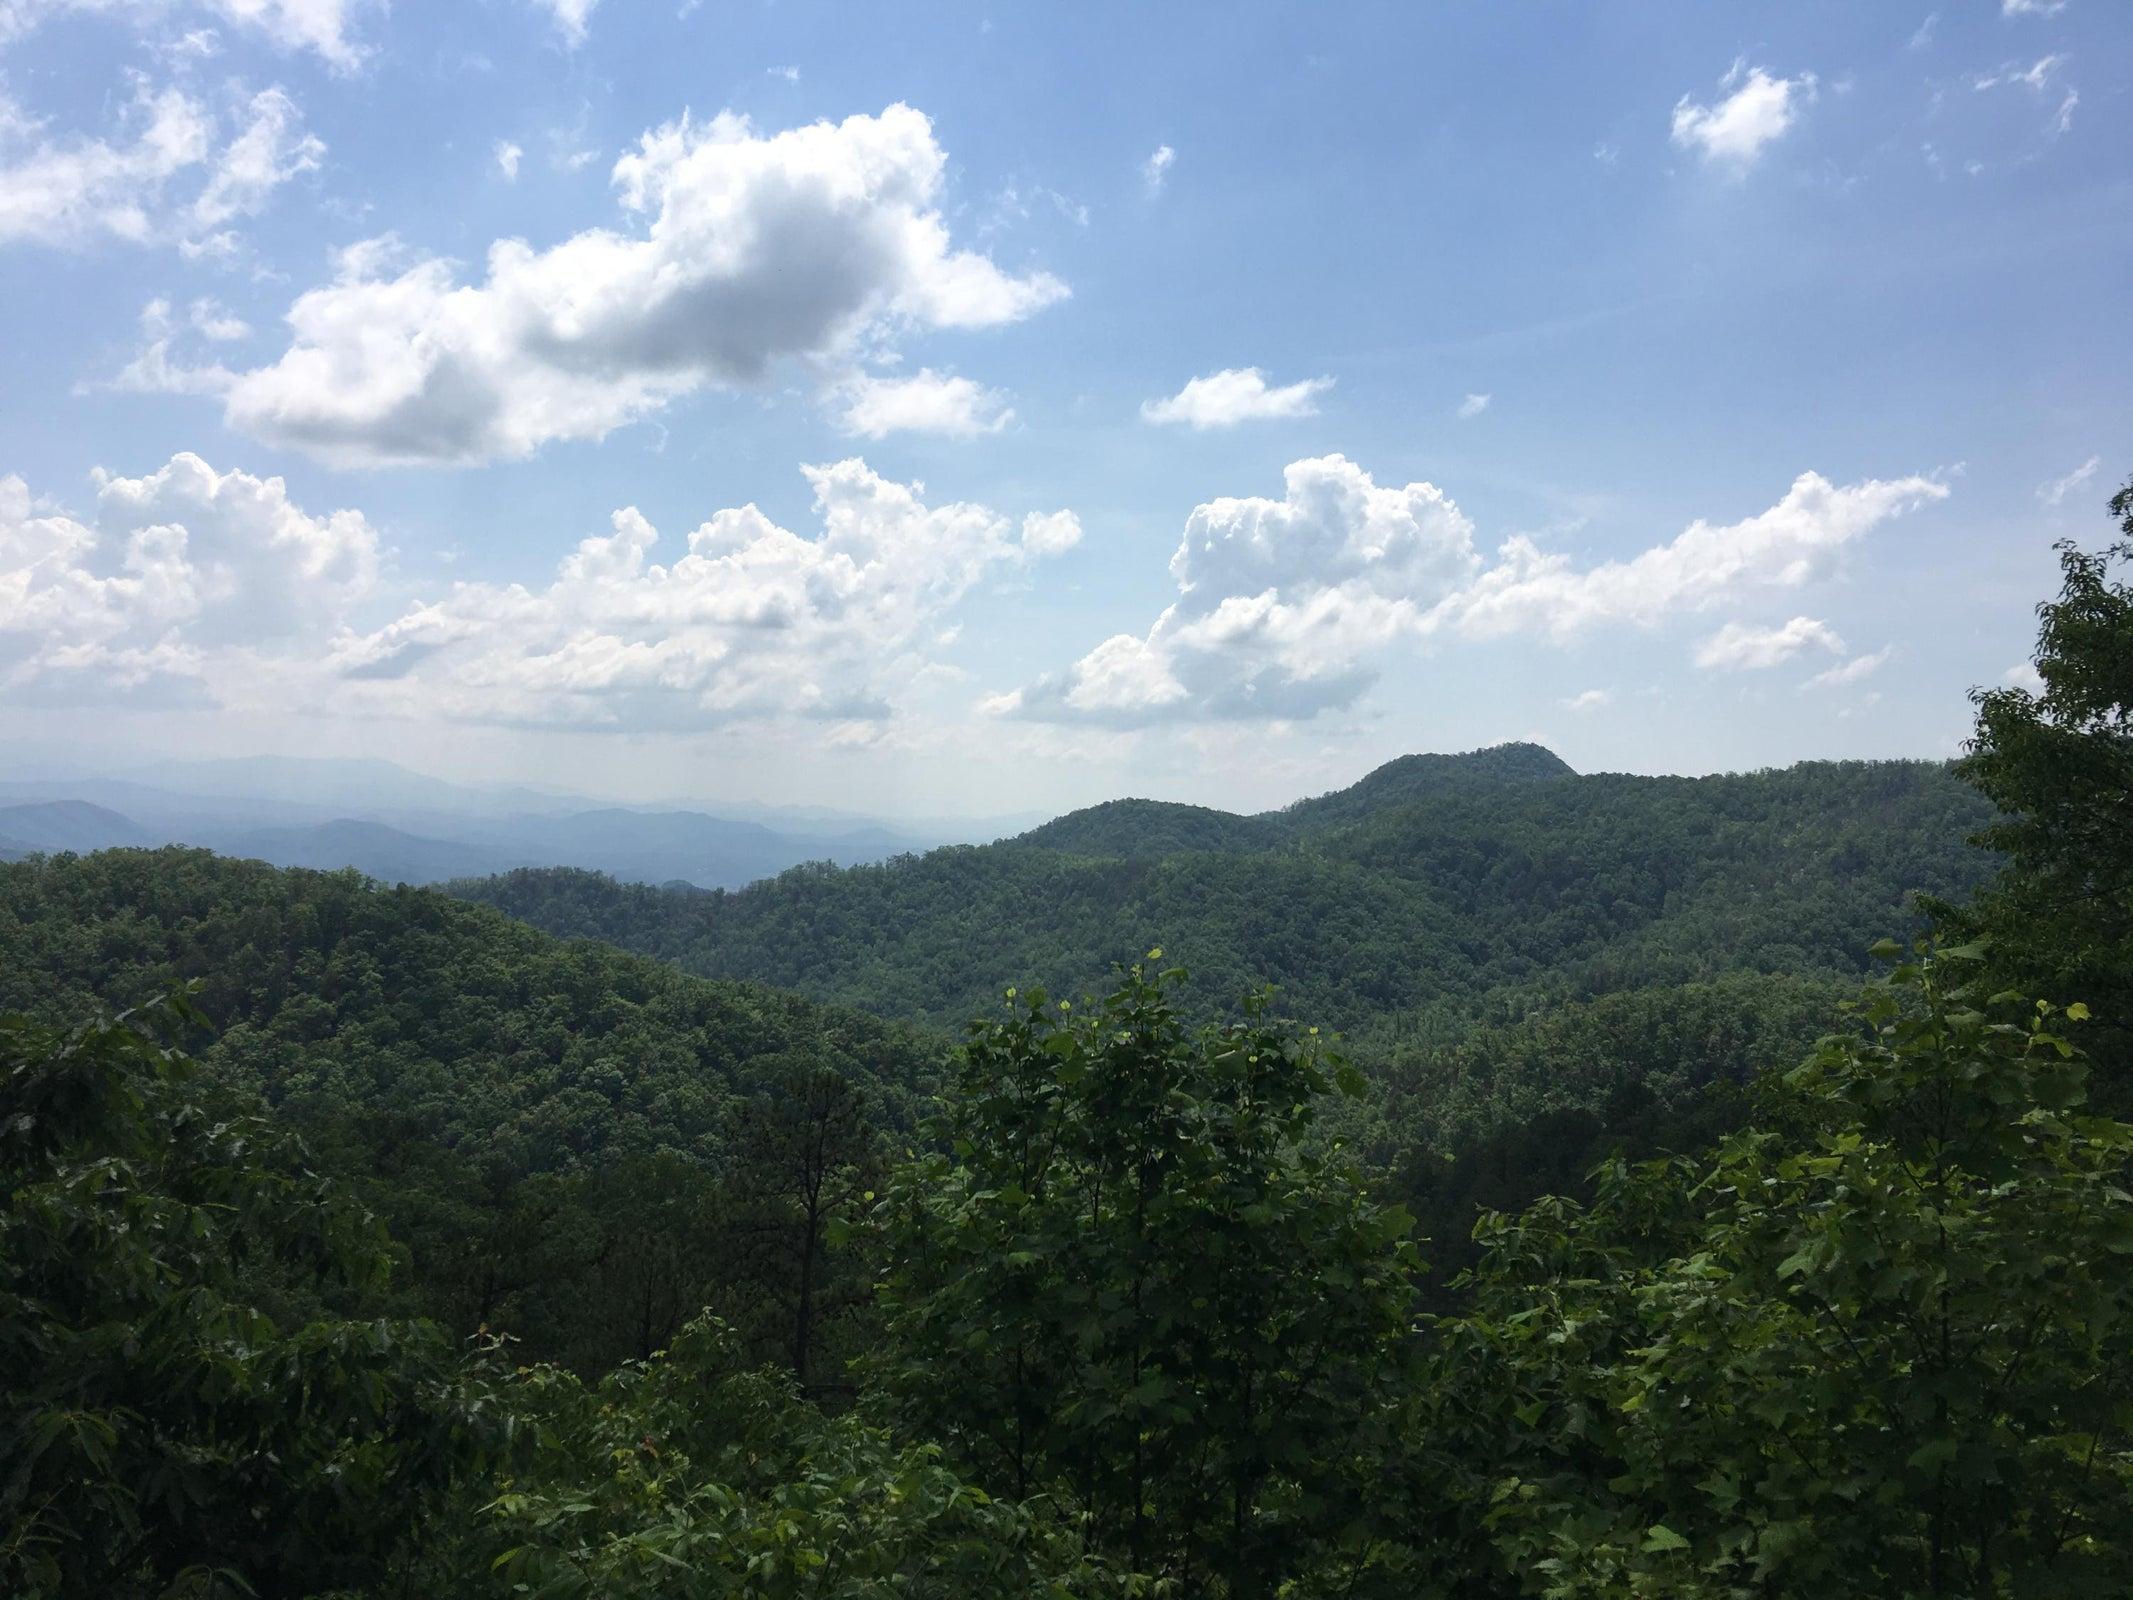 More scenic views